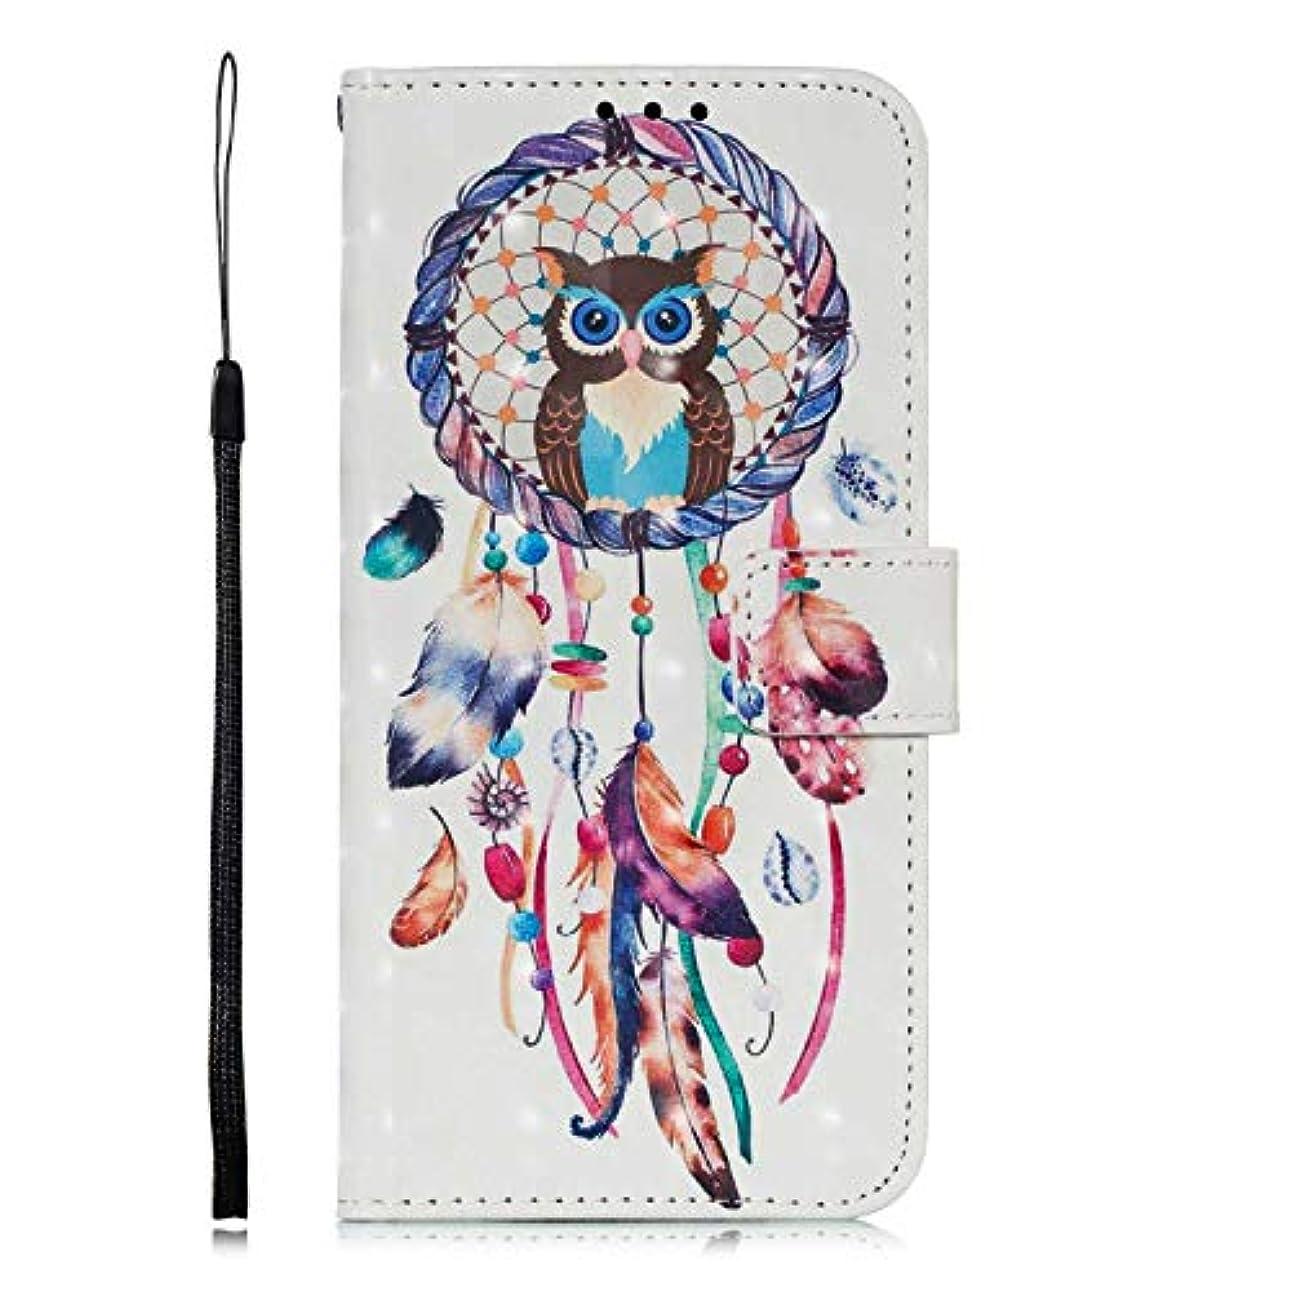 特徴づける従事した豆OMATENTI Galaxy A8 2018 ケース, ファッション良質 PU レザー 財布型 ケース 薄型 人気 新製品 衝撃吸収 全面保護 スマホケース, 付きスタンド機能, カードホルダー機能 ストラップ付き Galaxy...